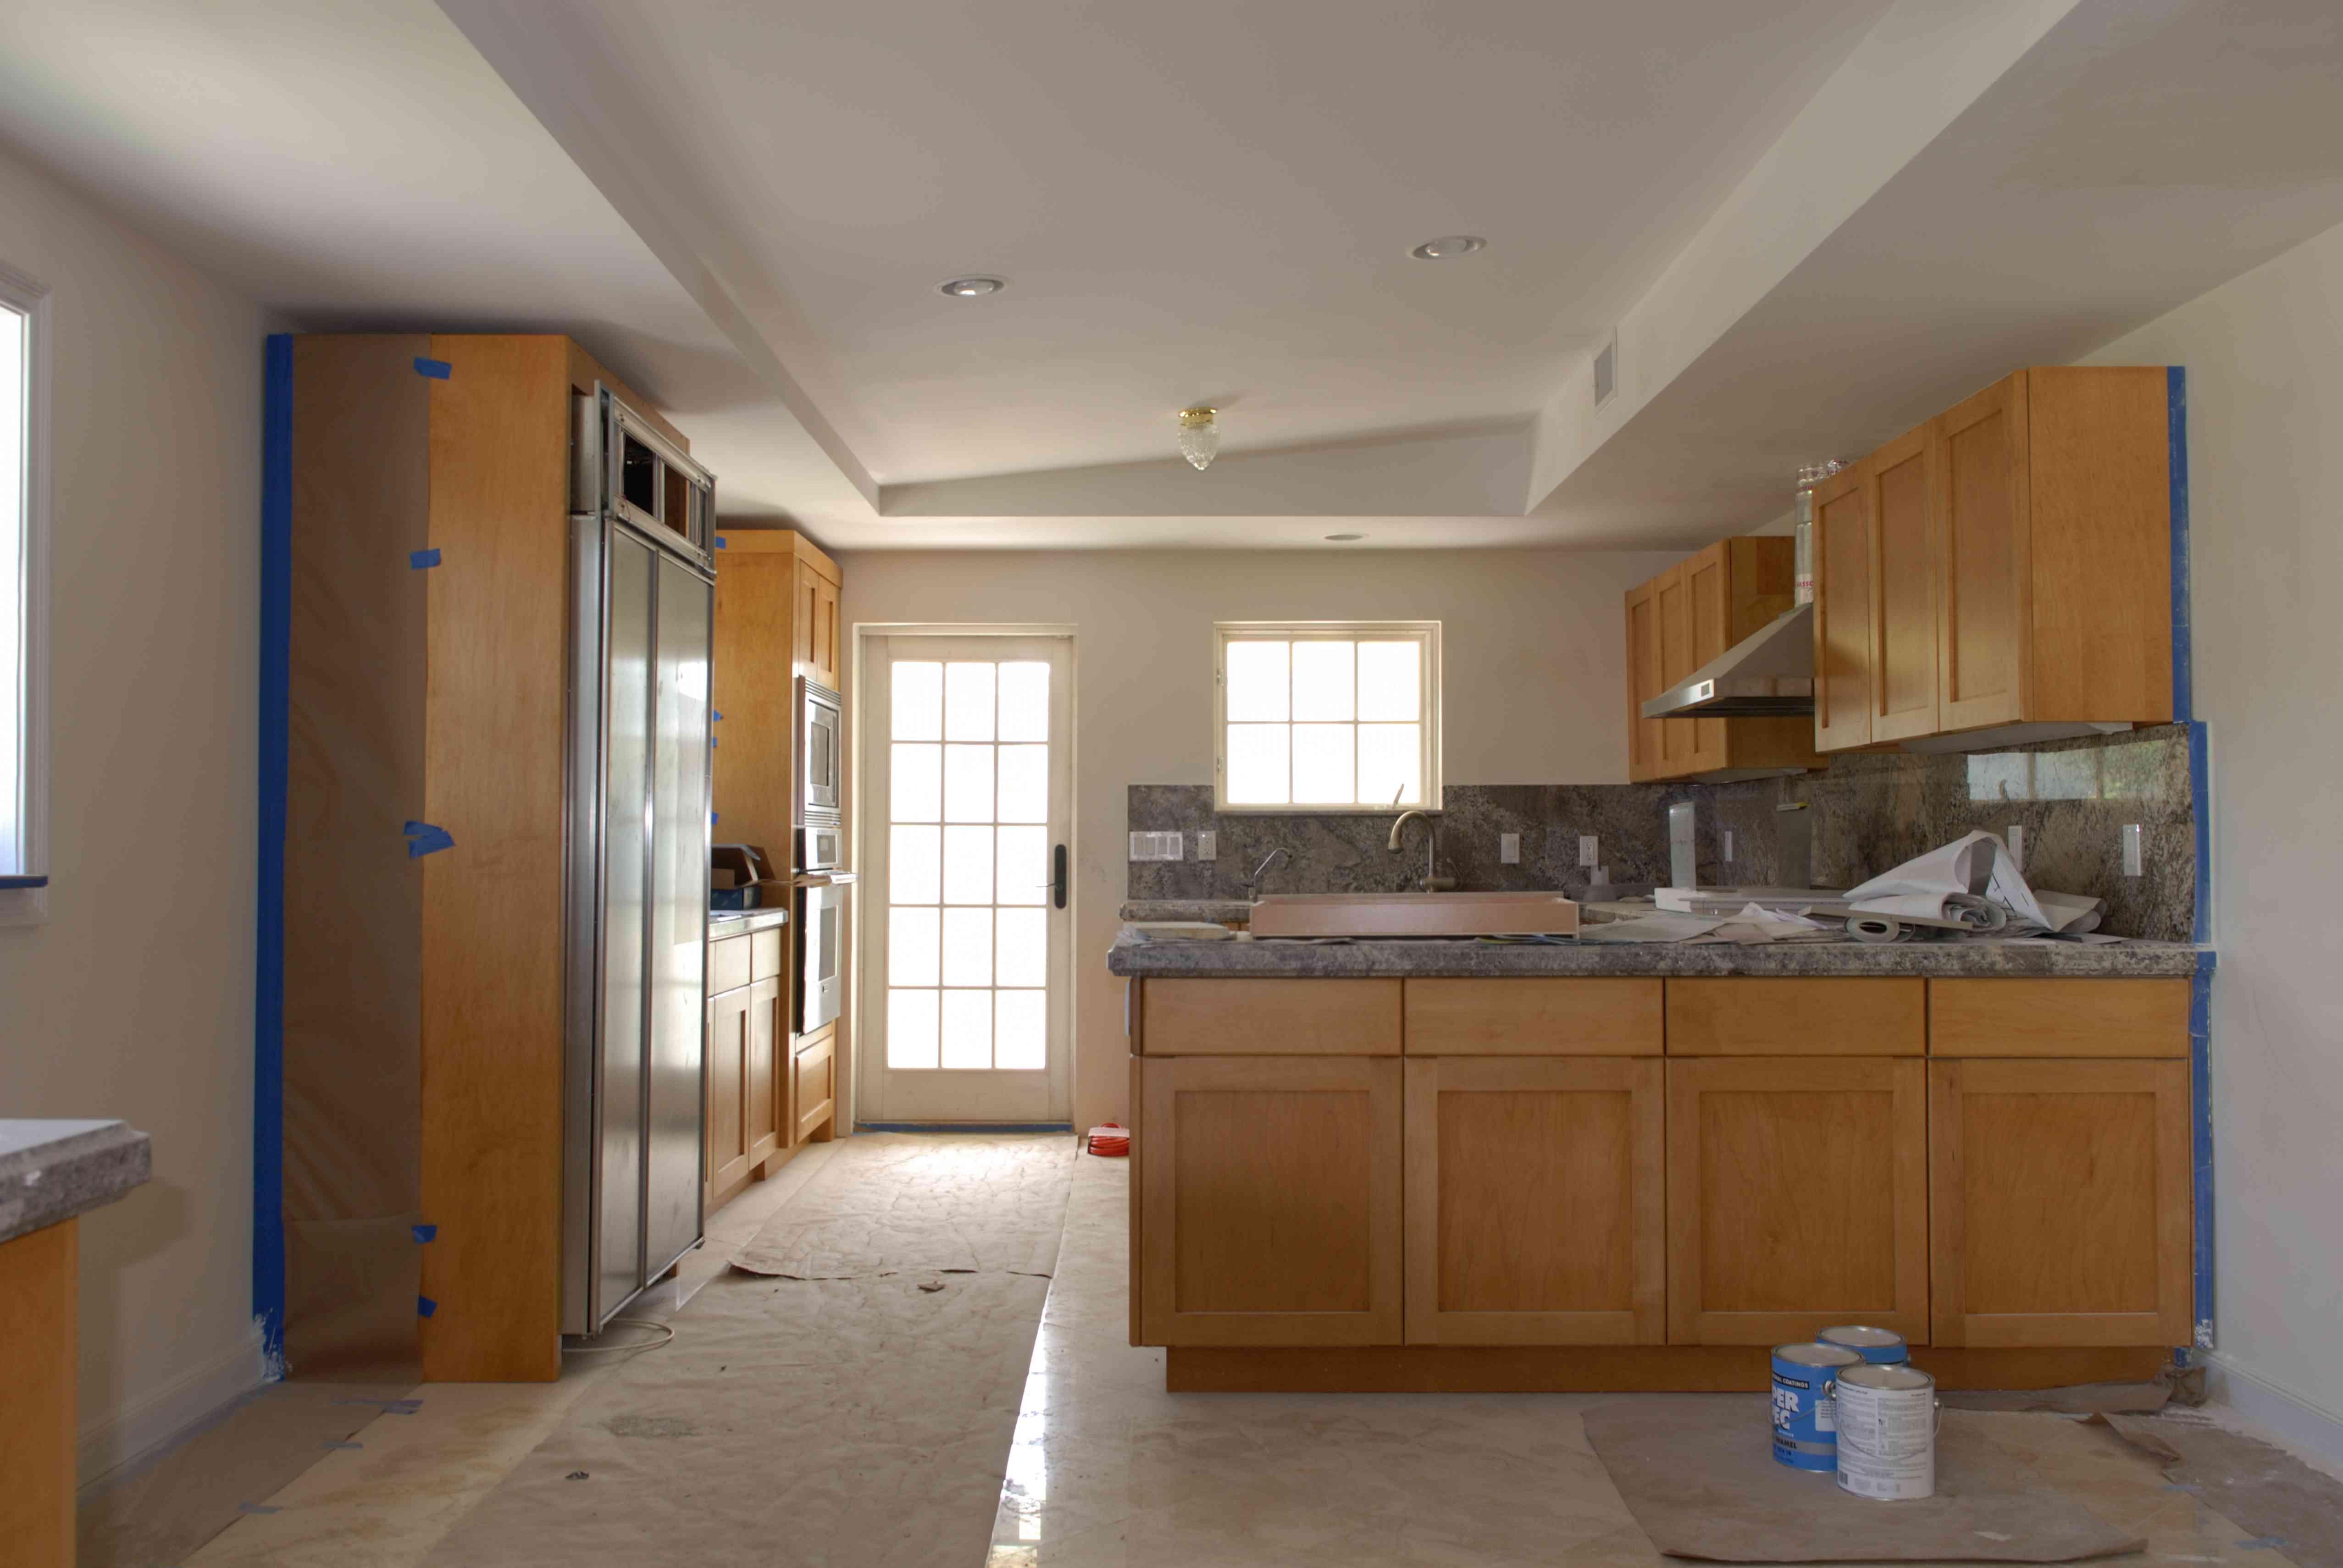 Renovación de la cocina